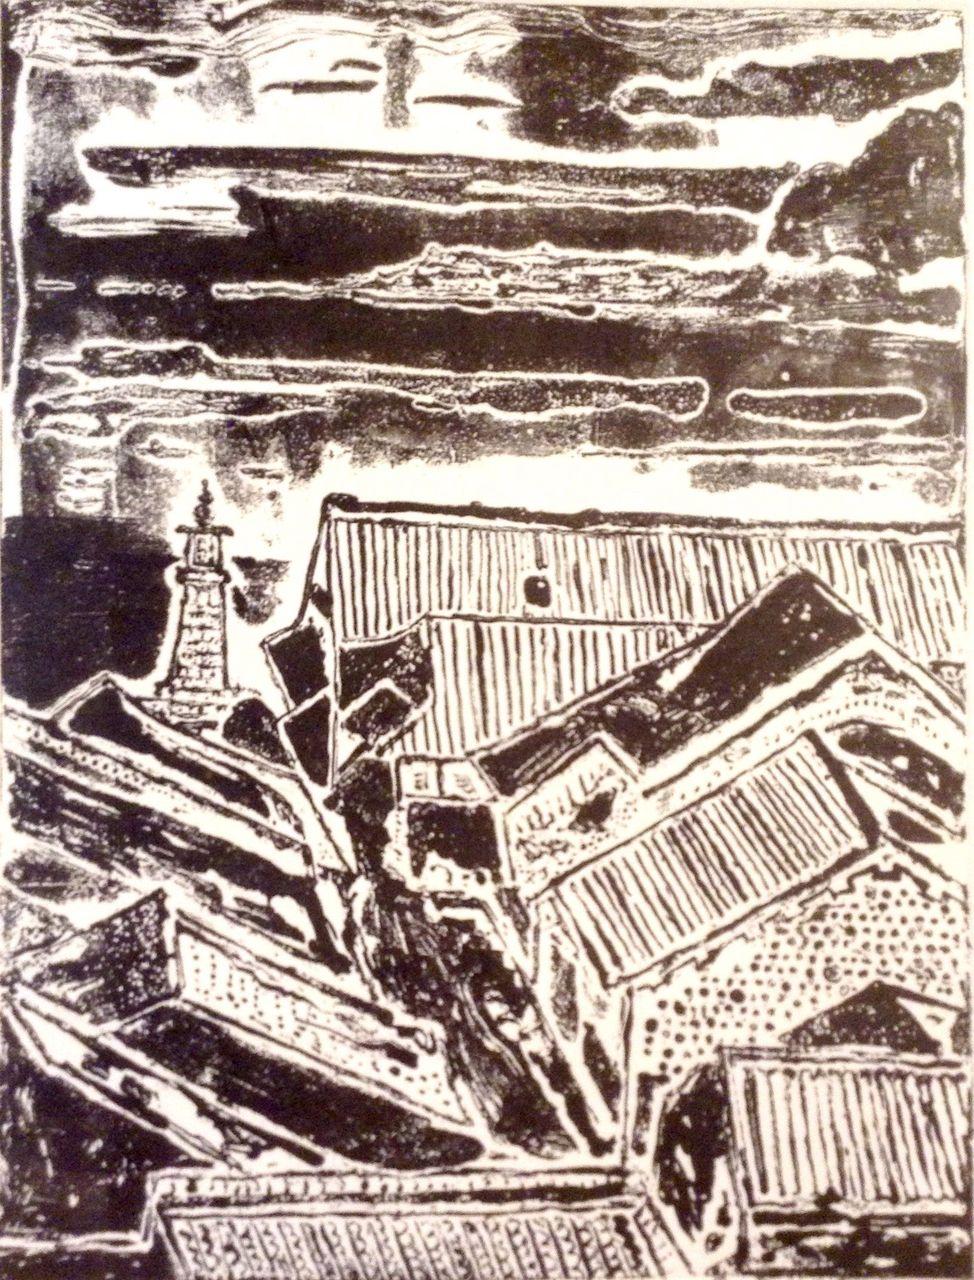 銅板画 F市の屋根(仮題) 経過報告3